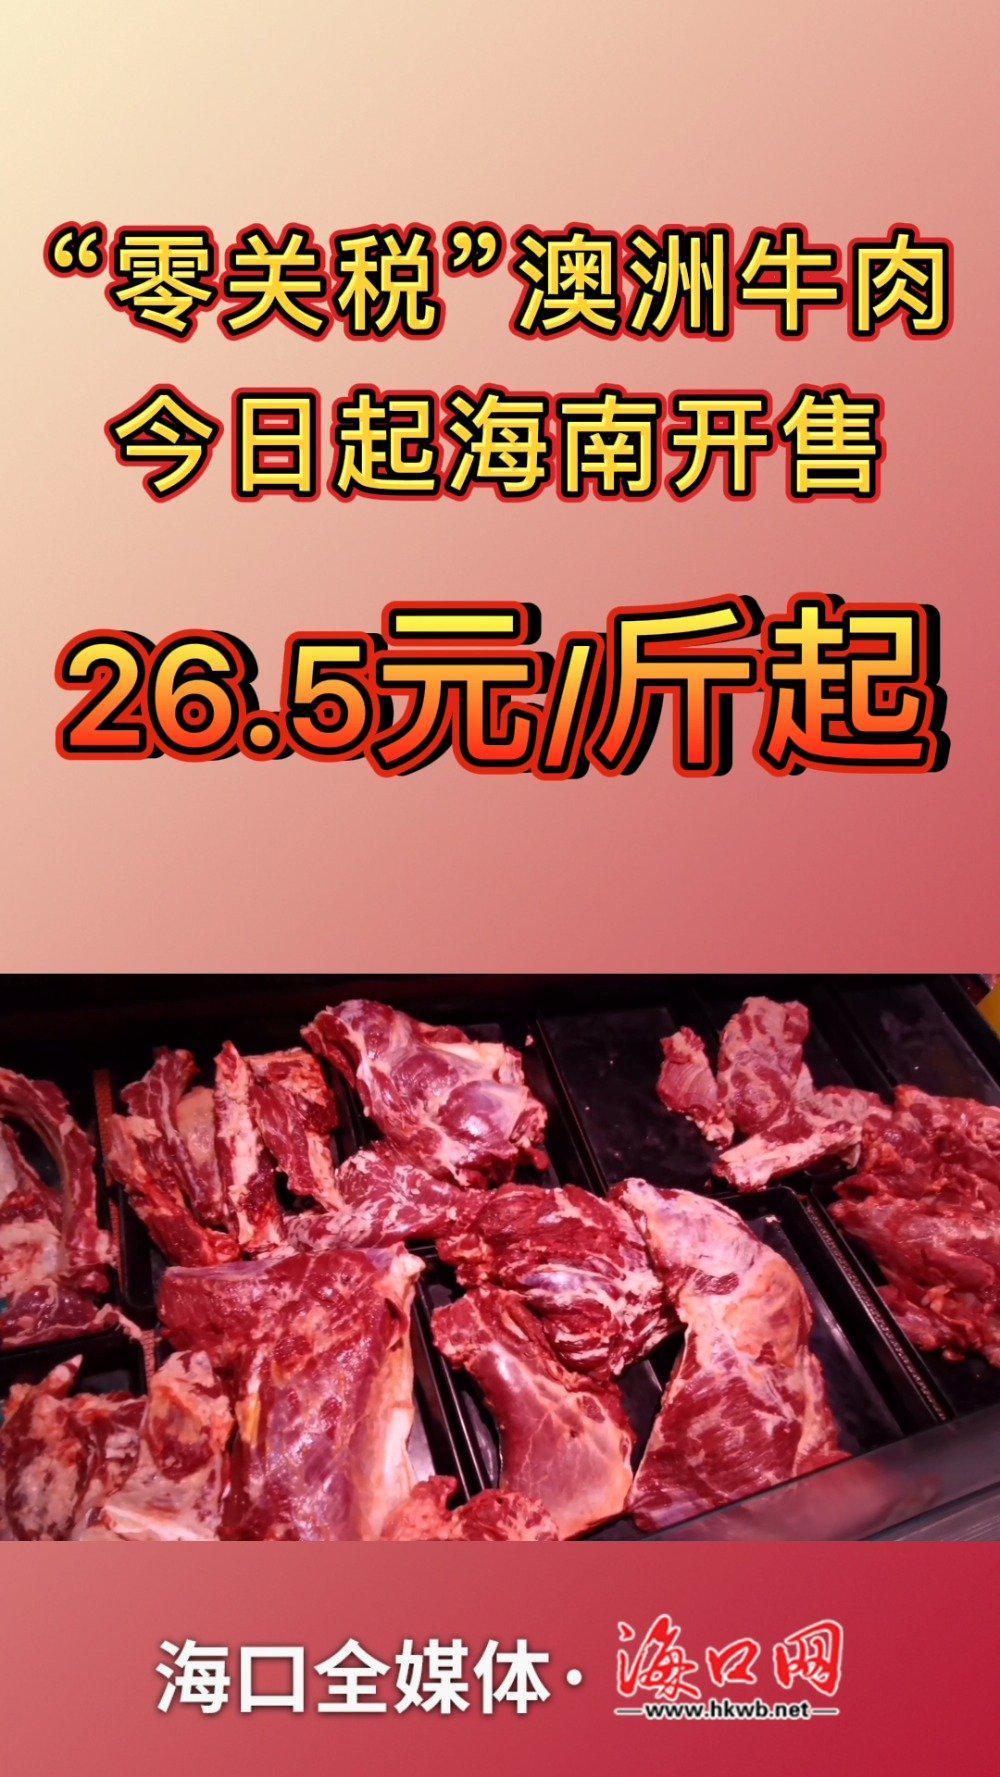 """26.5元/斤起!海口网记者直击""""零关税""""澳洲牛肉开售首日"""